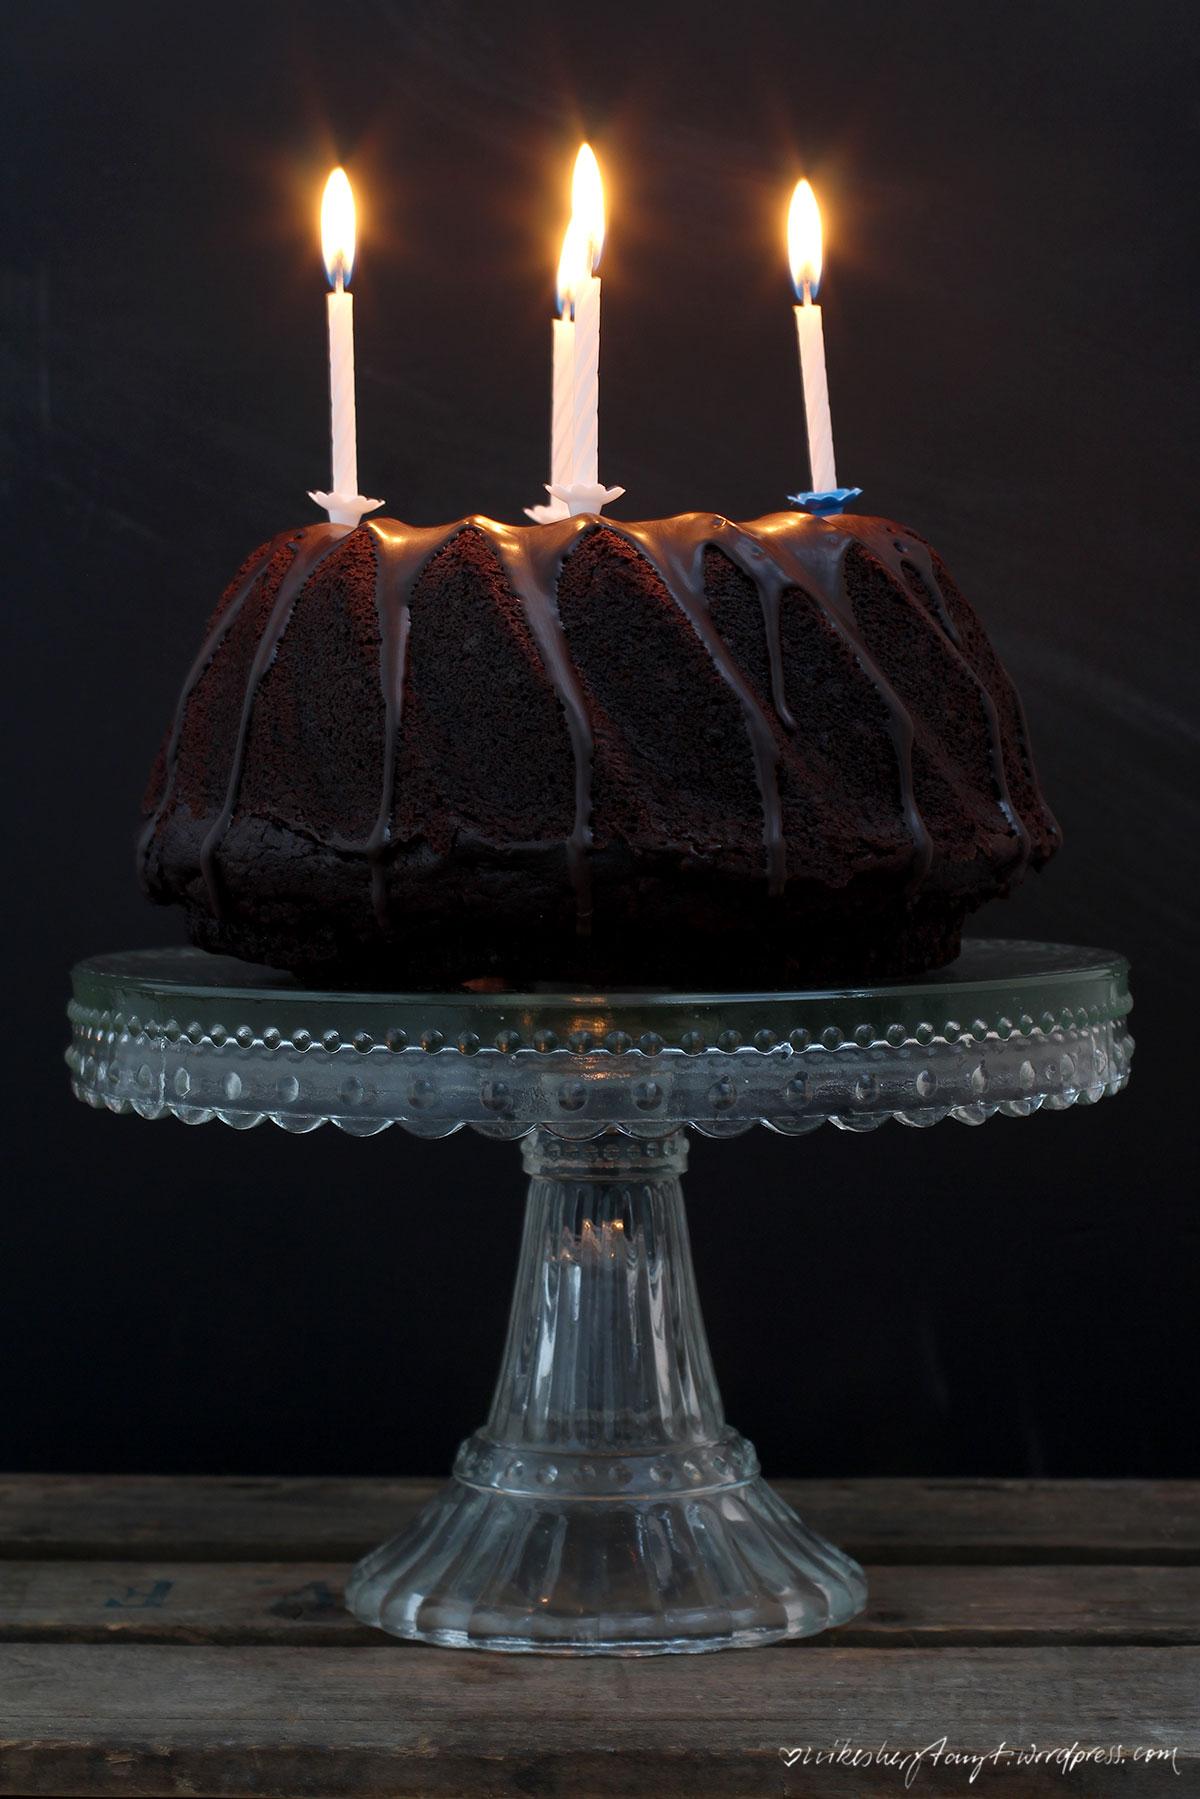 schokoladenkuchen, kuchen, schokokuchen, kerzen, geburtstagskuchen, nikesherztanzt, kein kuchen ist auch keine lösung